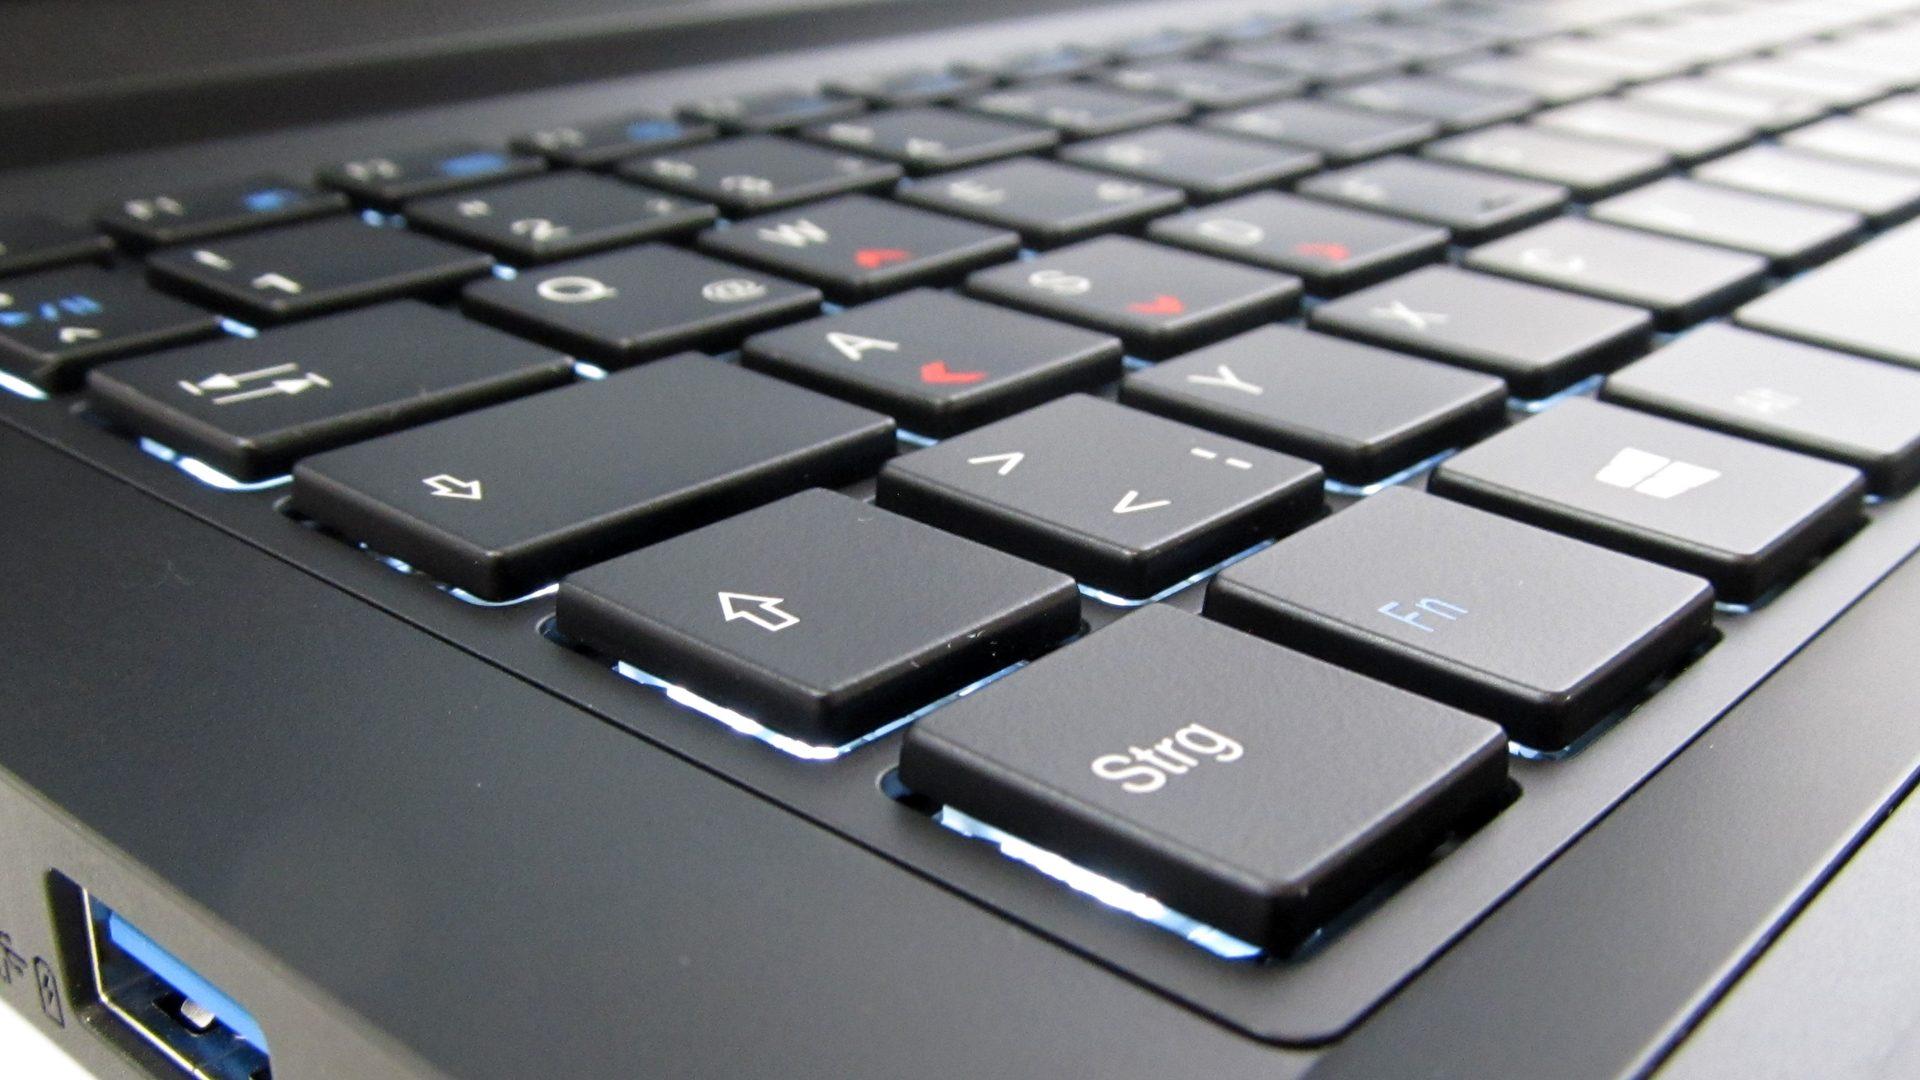 schenkerxmg_p507_tastatur_2